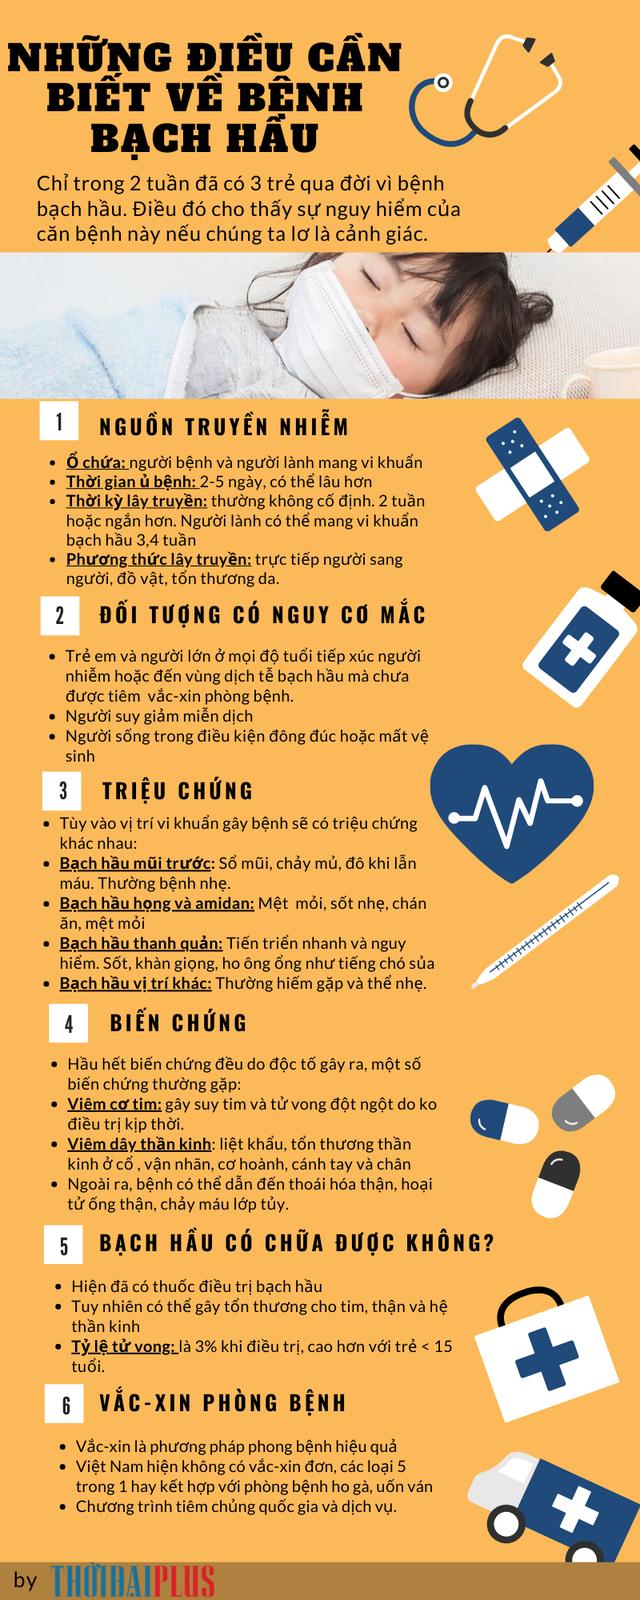 [Infographic] - Những điều cần biết về căn bệnh bạch hầu nguy hiểm - Ảnh 1.